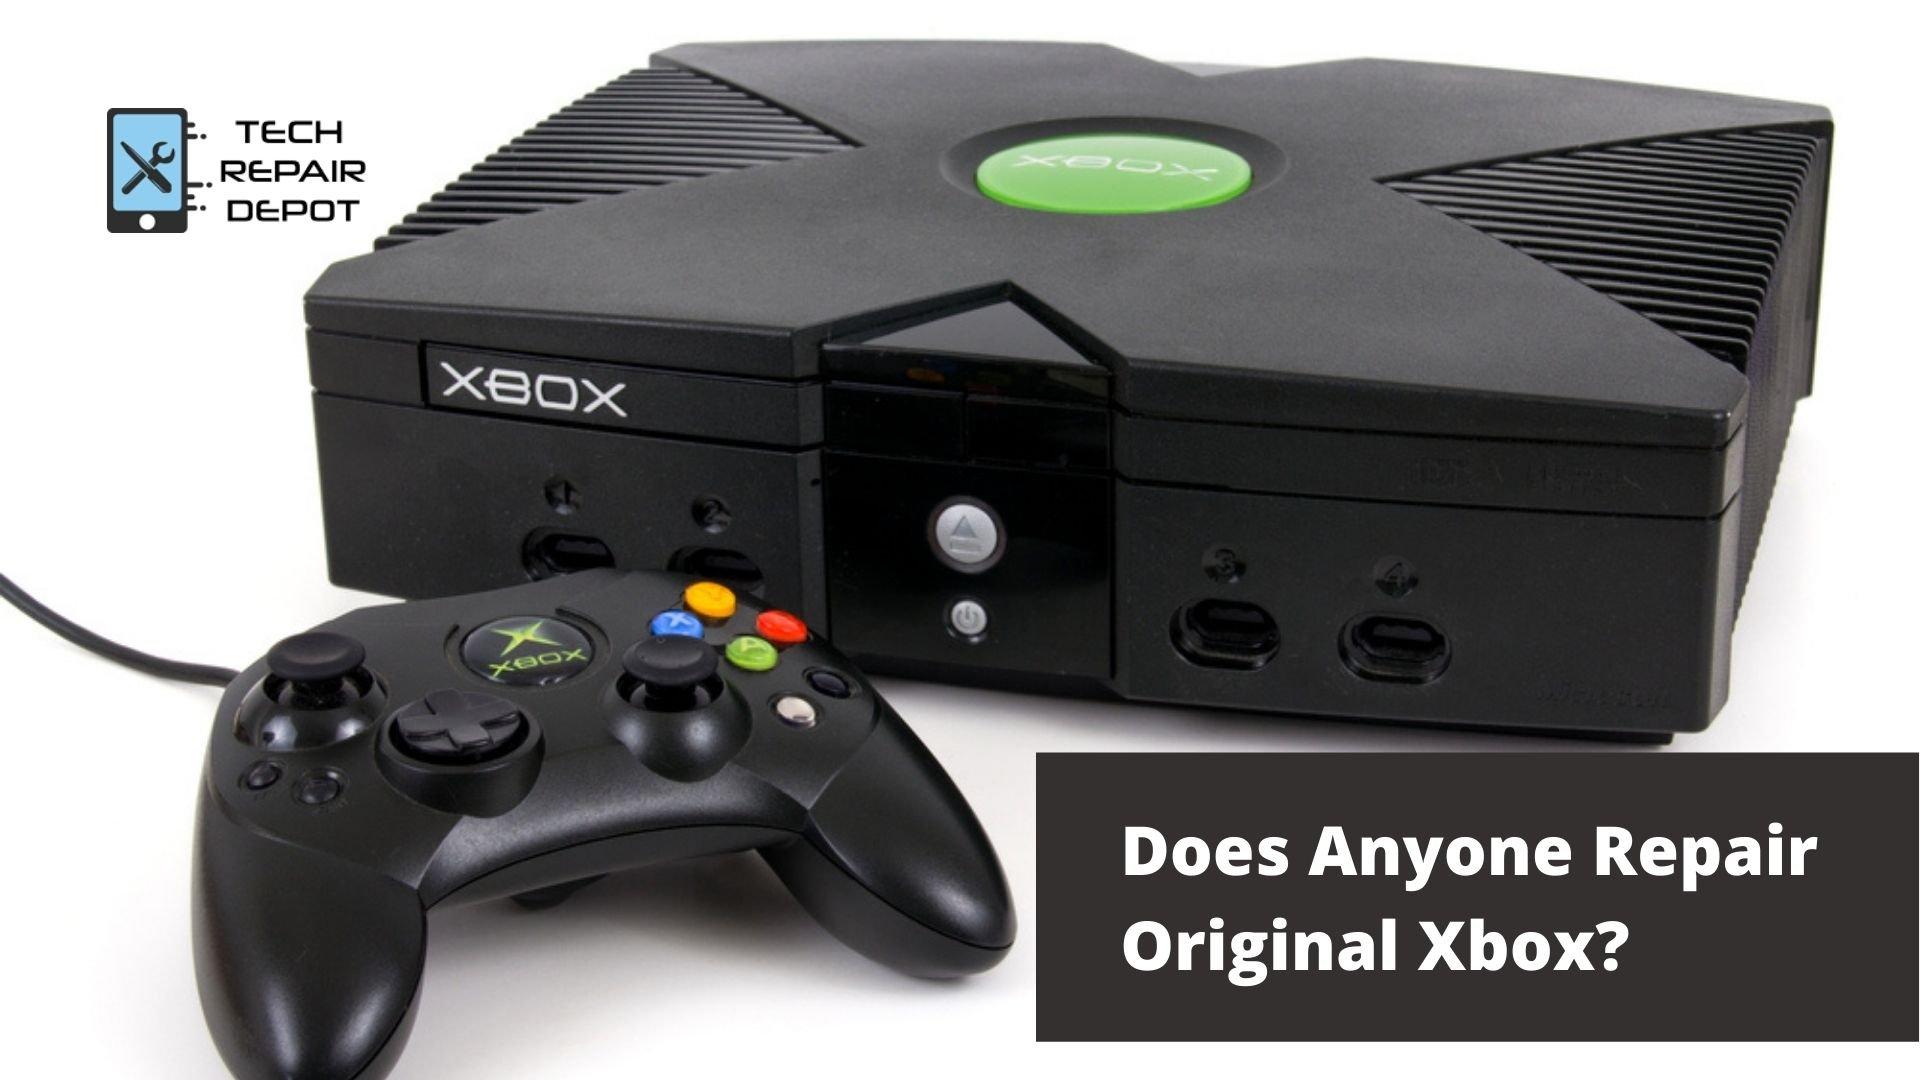 Does Anyone Repair Original Xbox